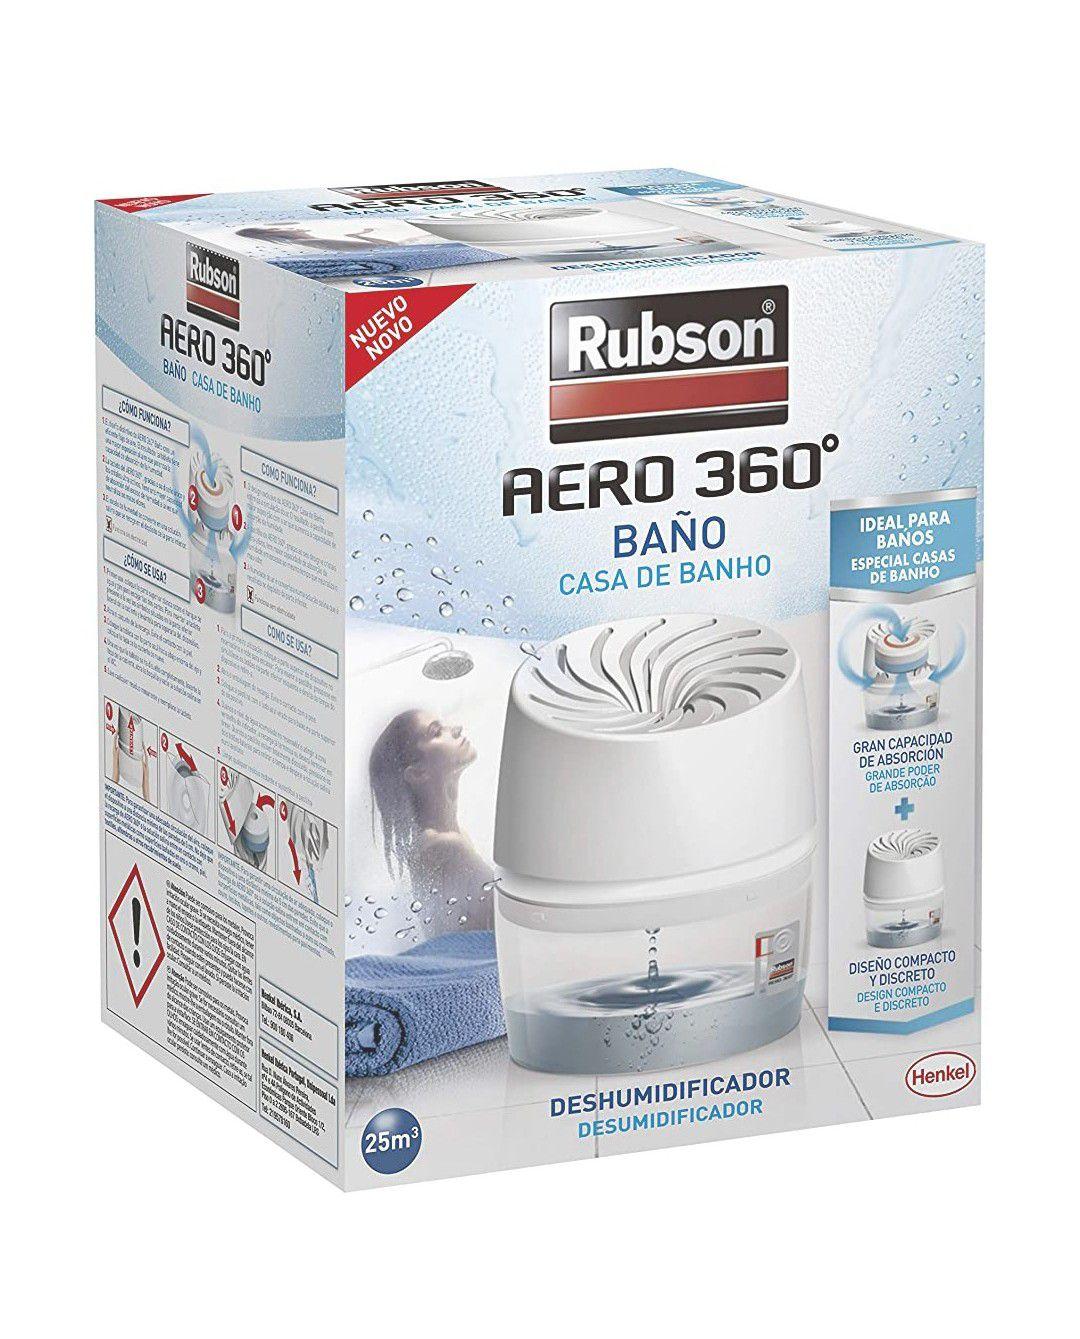 Rubson Aero 360° Deshumidificador portátil sin electricidad